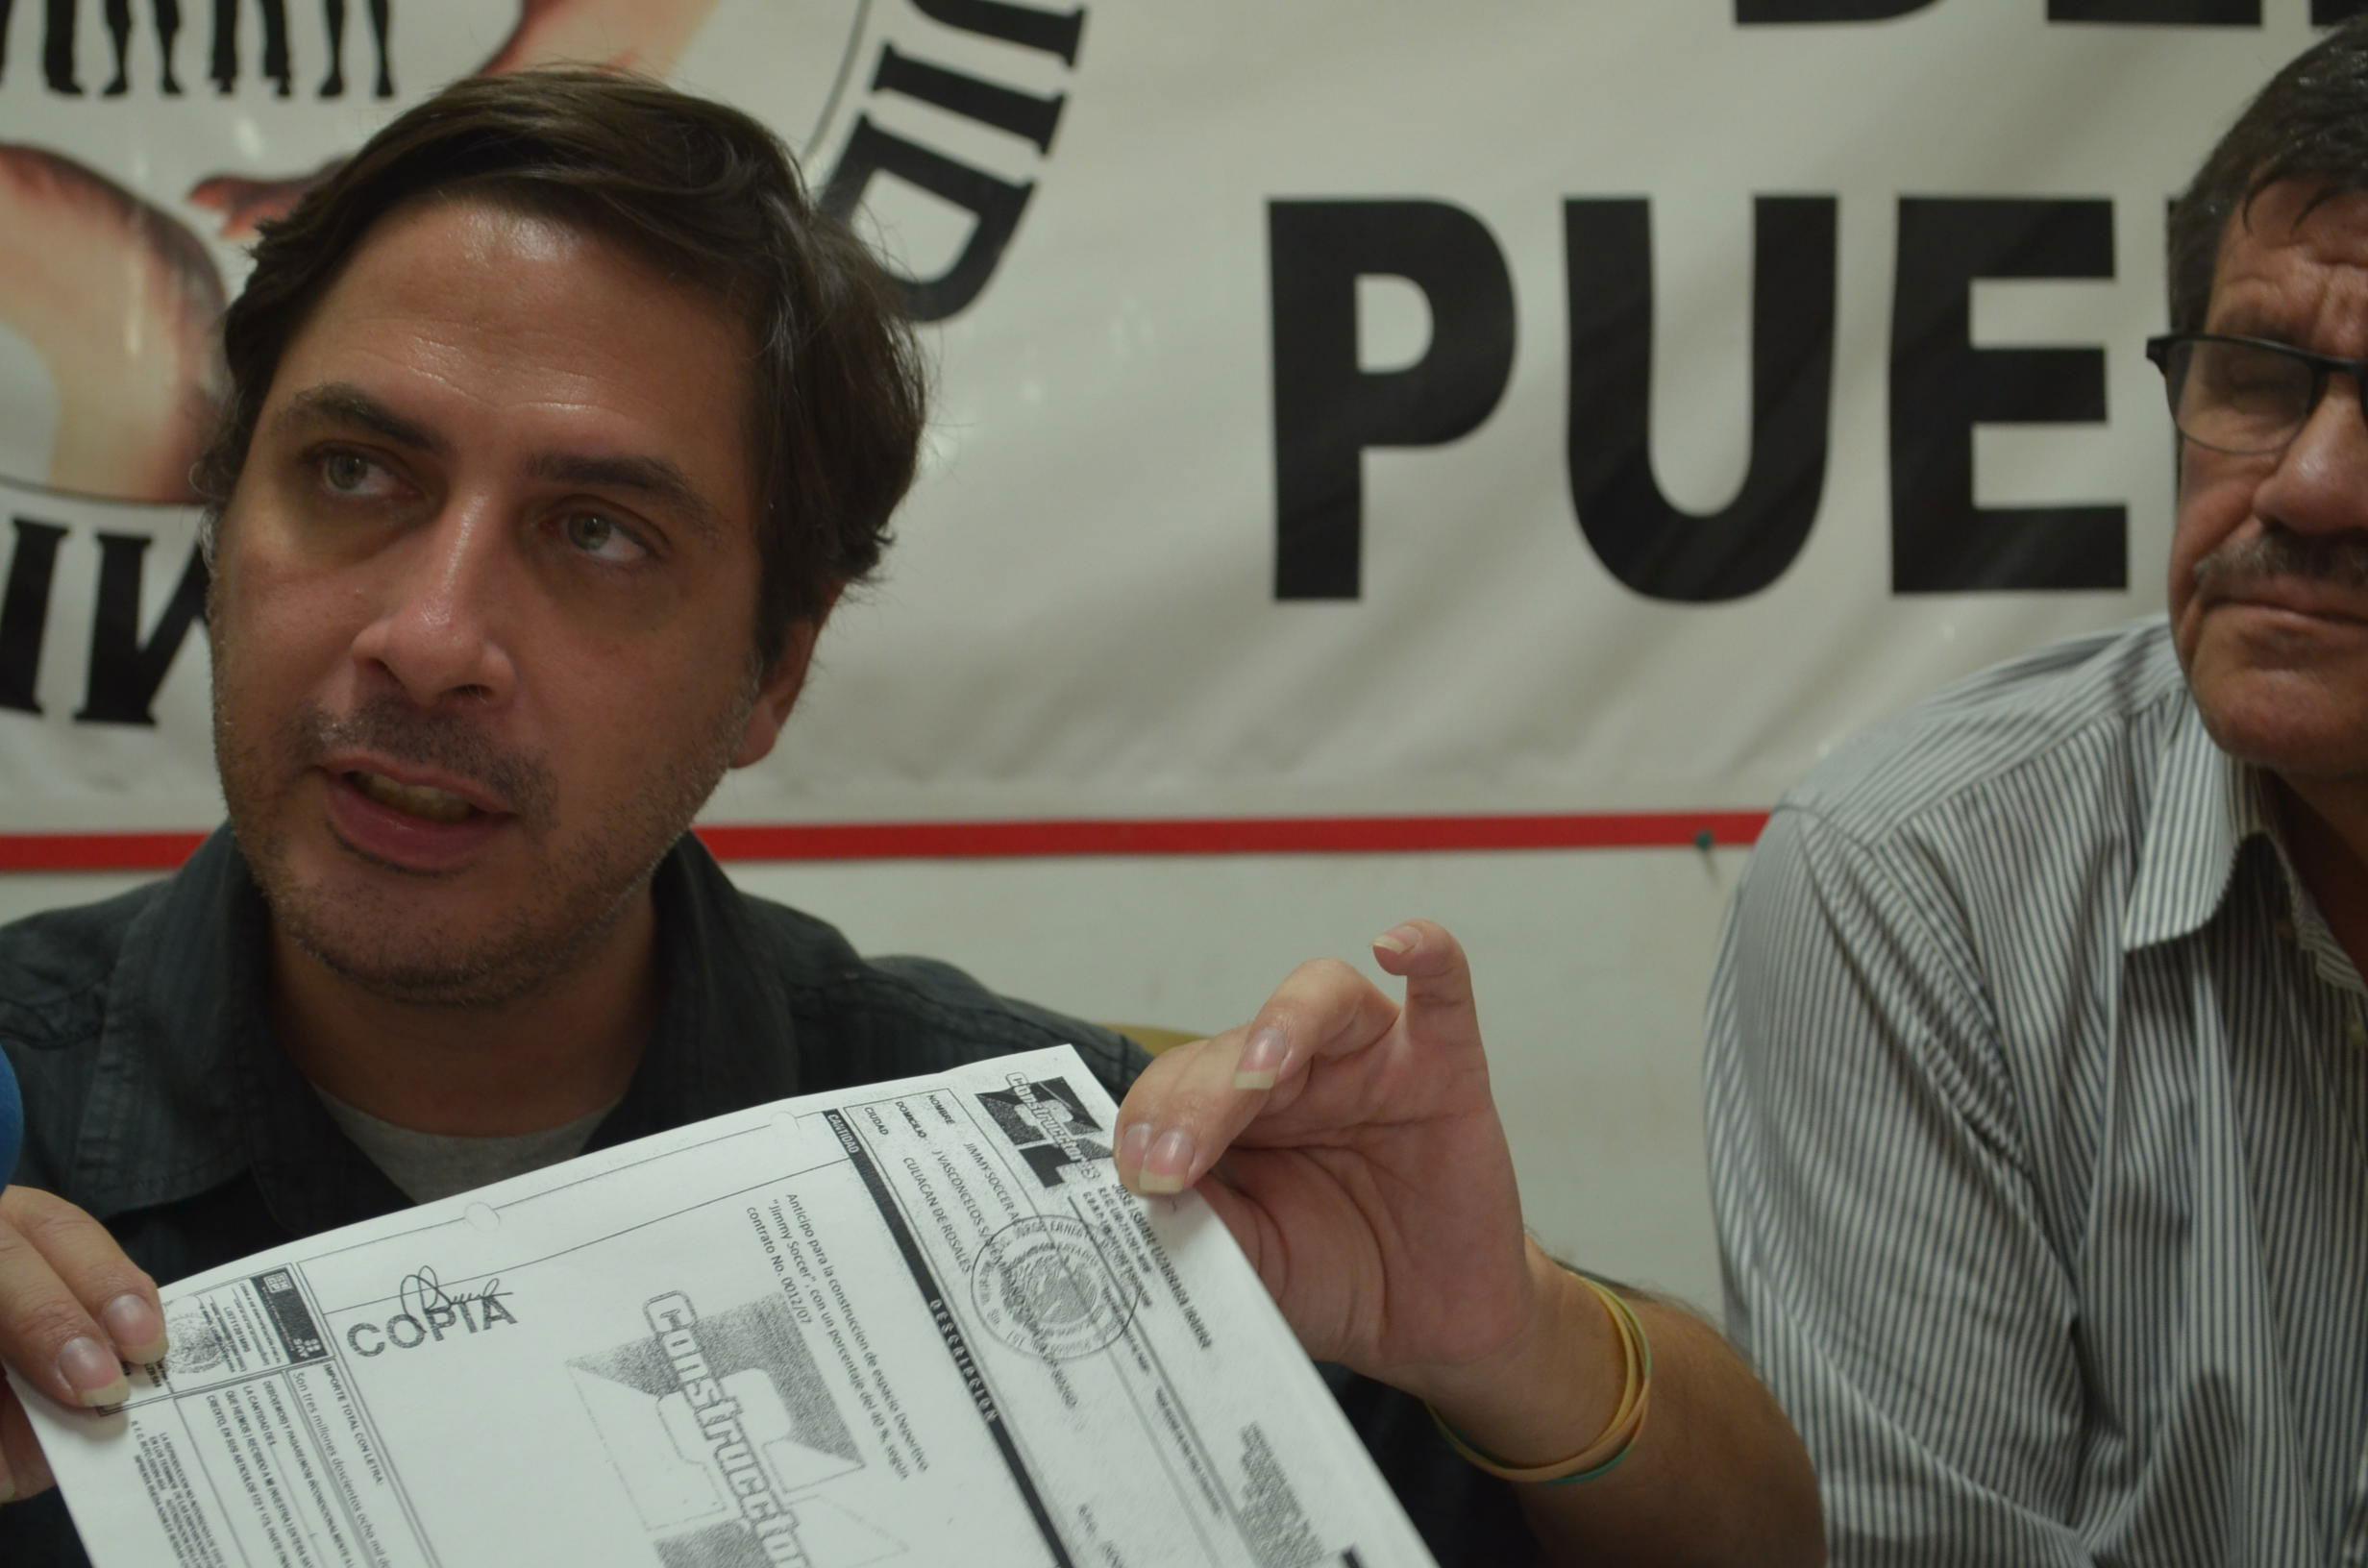 Manifiesta Ernesto Saldaña, que hay una incongruencia en las acciones tomadas por el alcalde Sergio Torres. Foto:Gabriela Sánchez